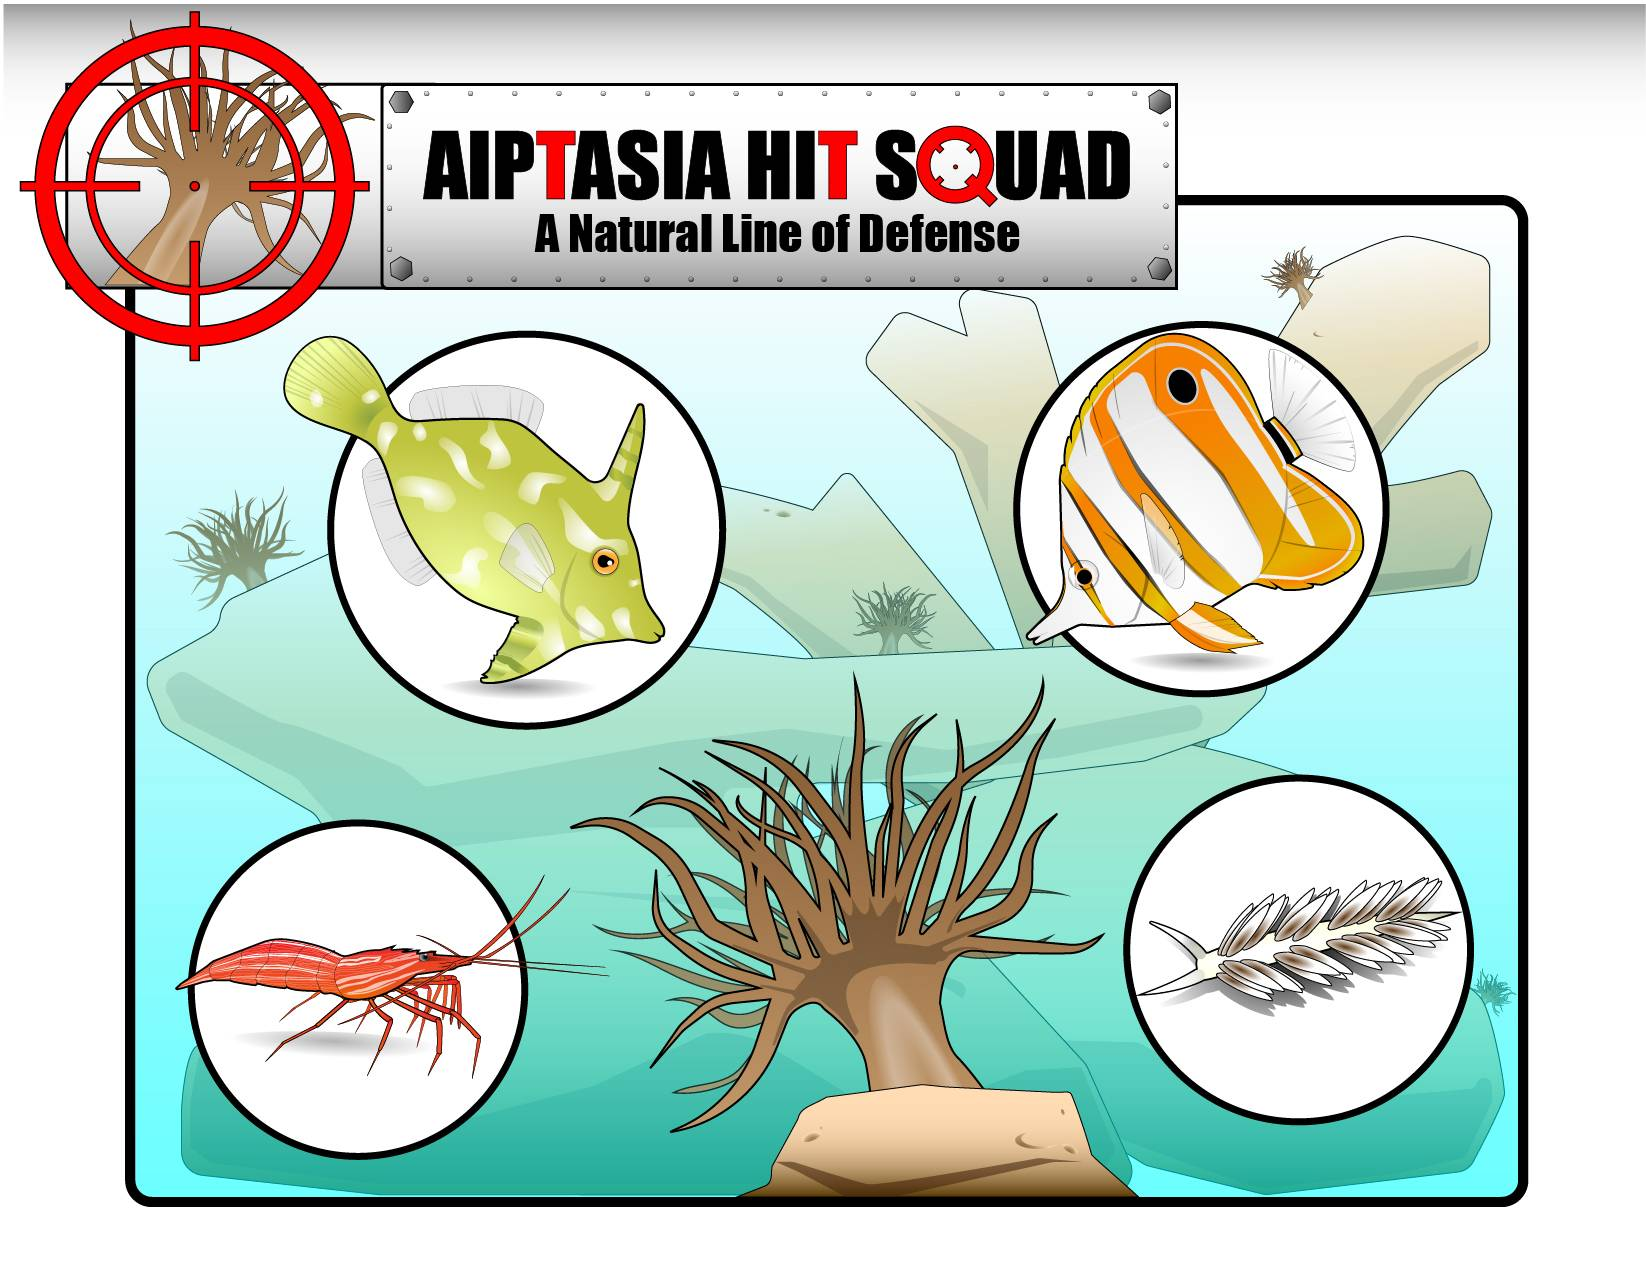 How to Eliminate Aiptasia Naturally: The Aiptasia Hit Squad